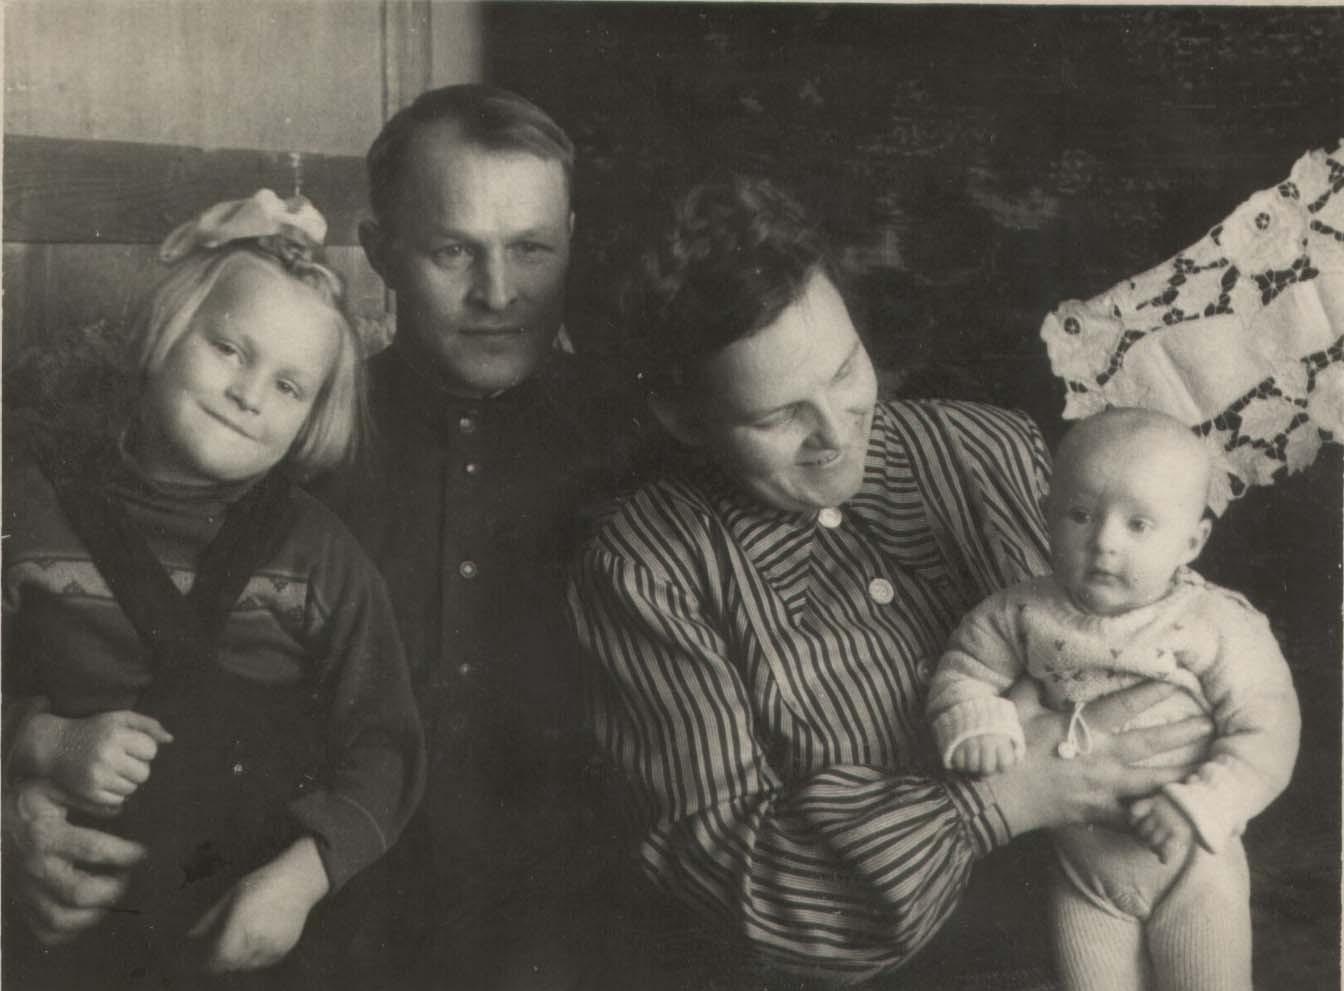 Слева направо: ? (Филиппова) Татьяна Павловна, Филиппов Павел Григорьевич, Филиппова (?) Анна, ? (Филиппова) Ольга Павловна. Фото сделано около 1950 г. в Рыбнице